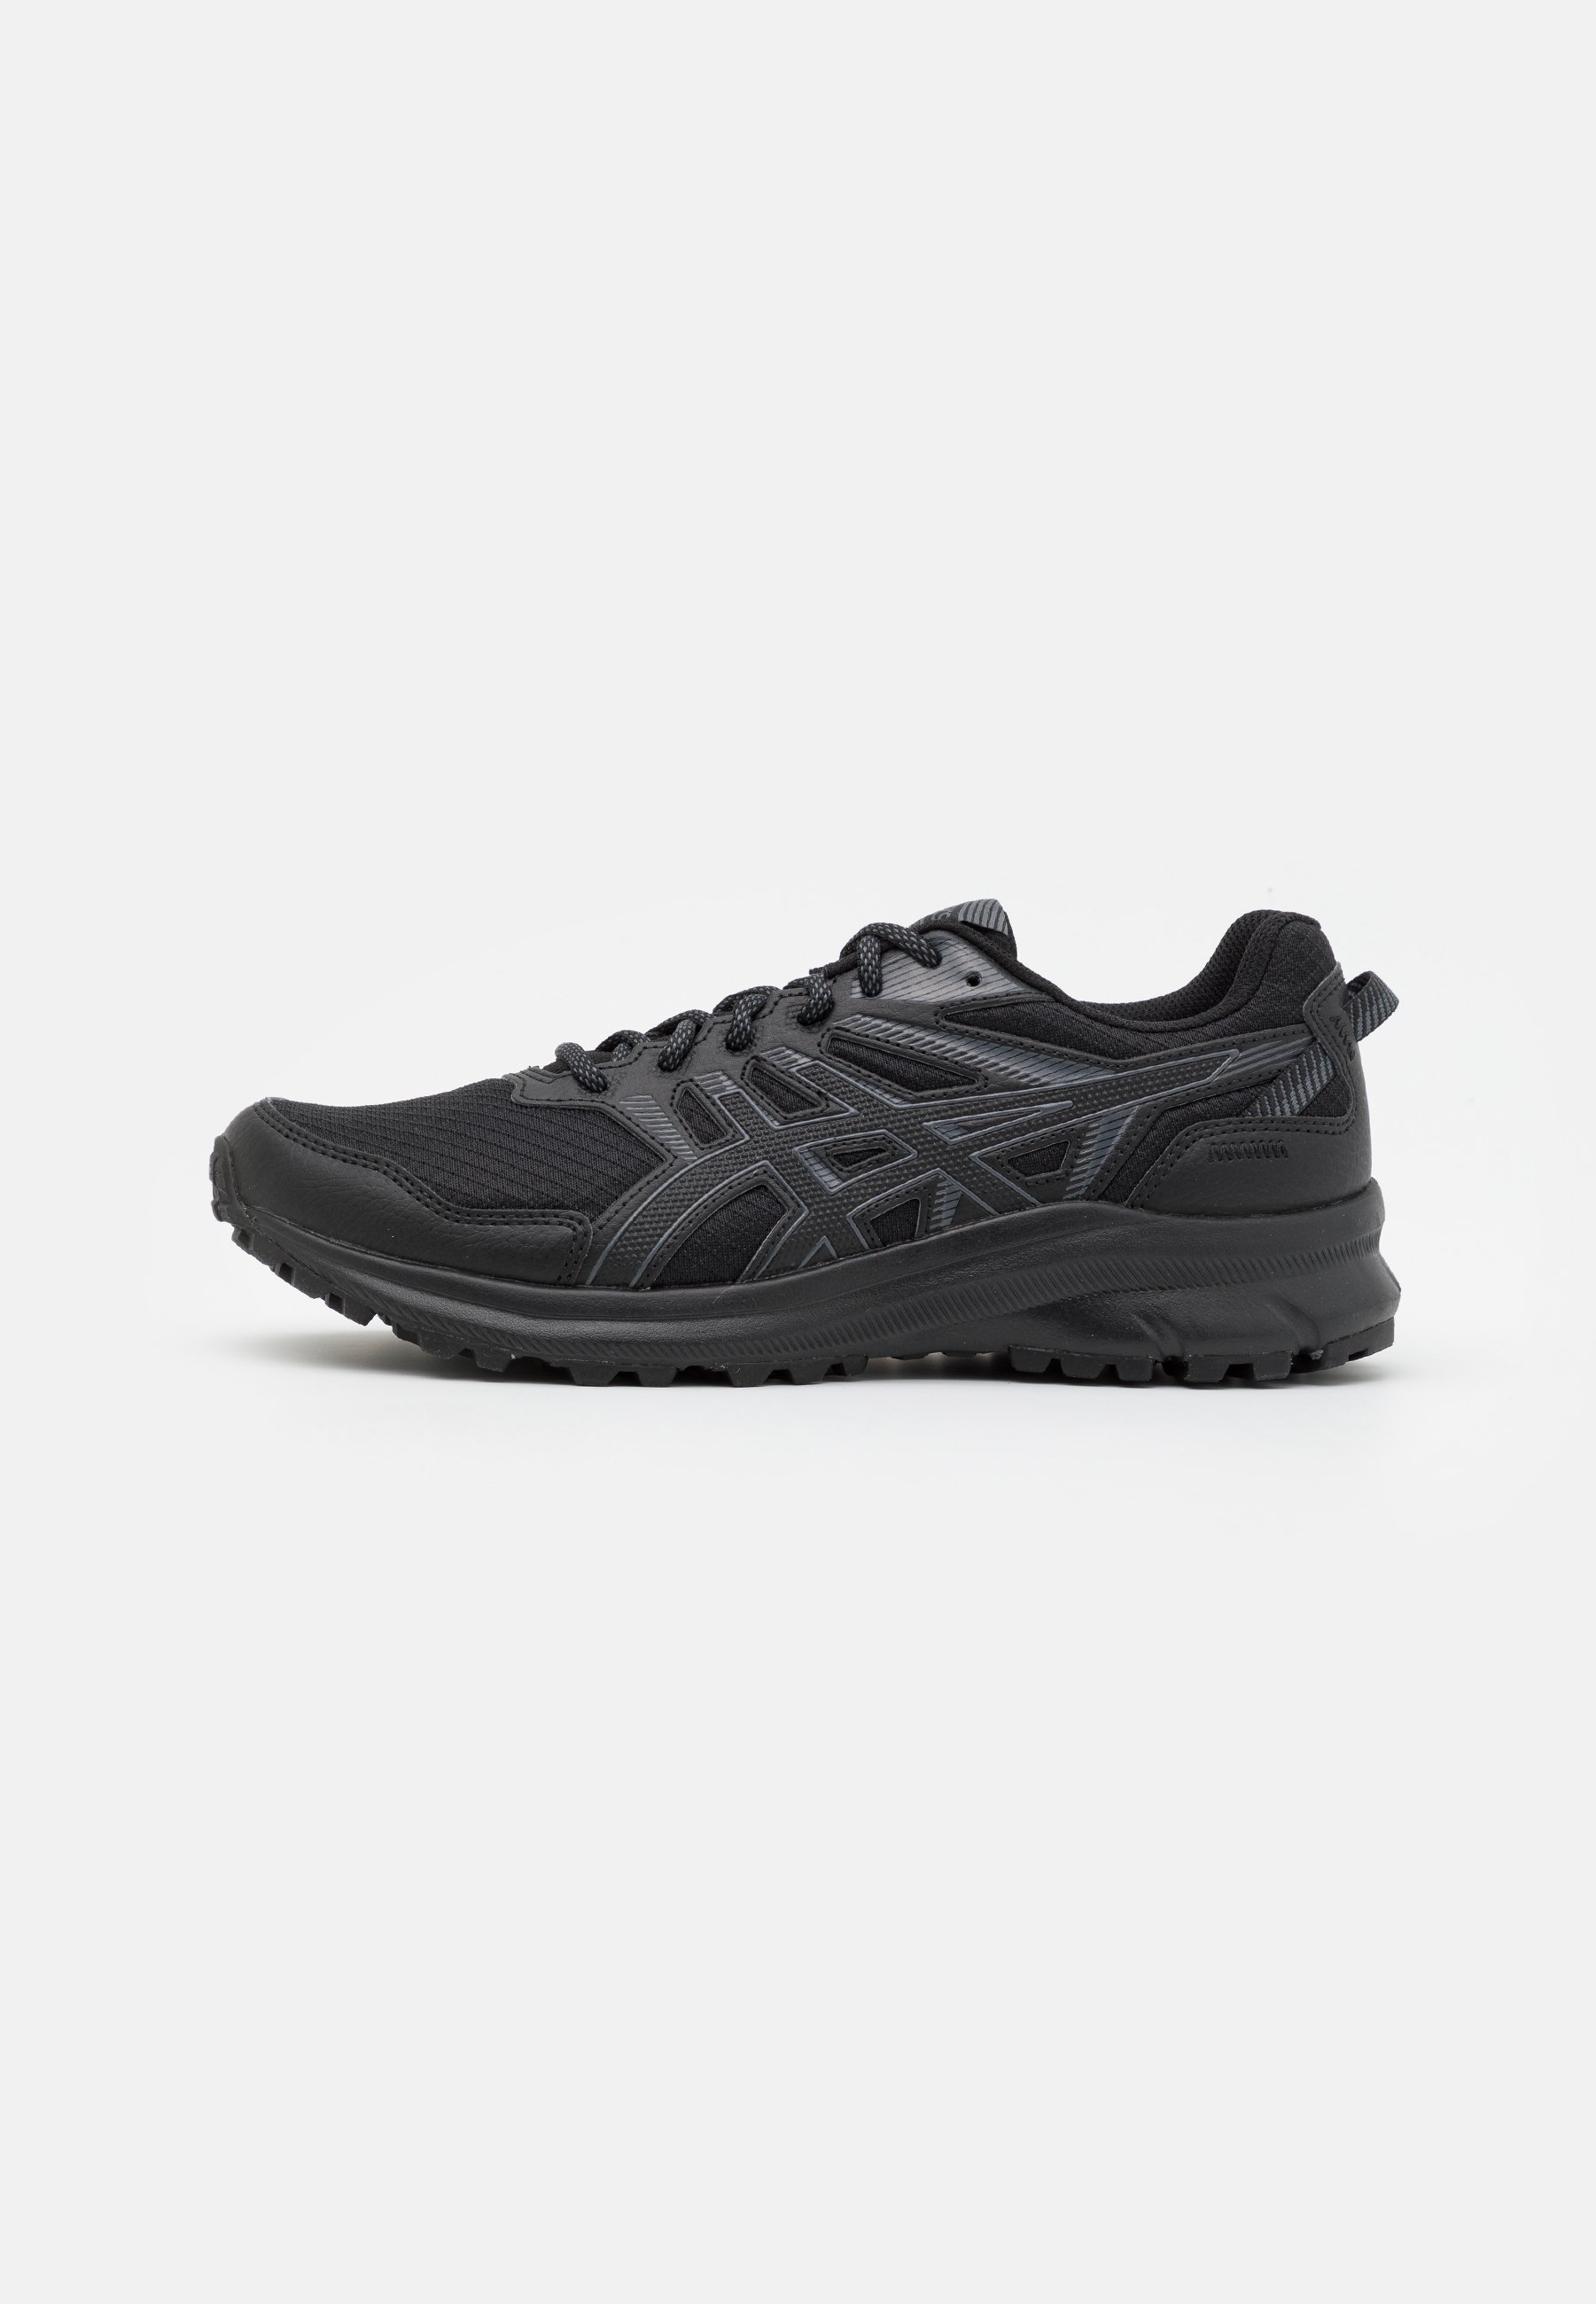 Chaussures de running homme ASICS | Tous les articles chez Zalando